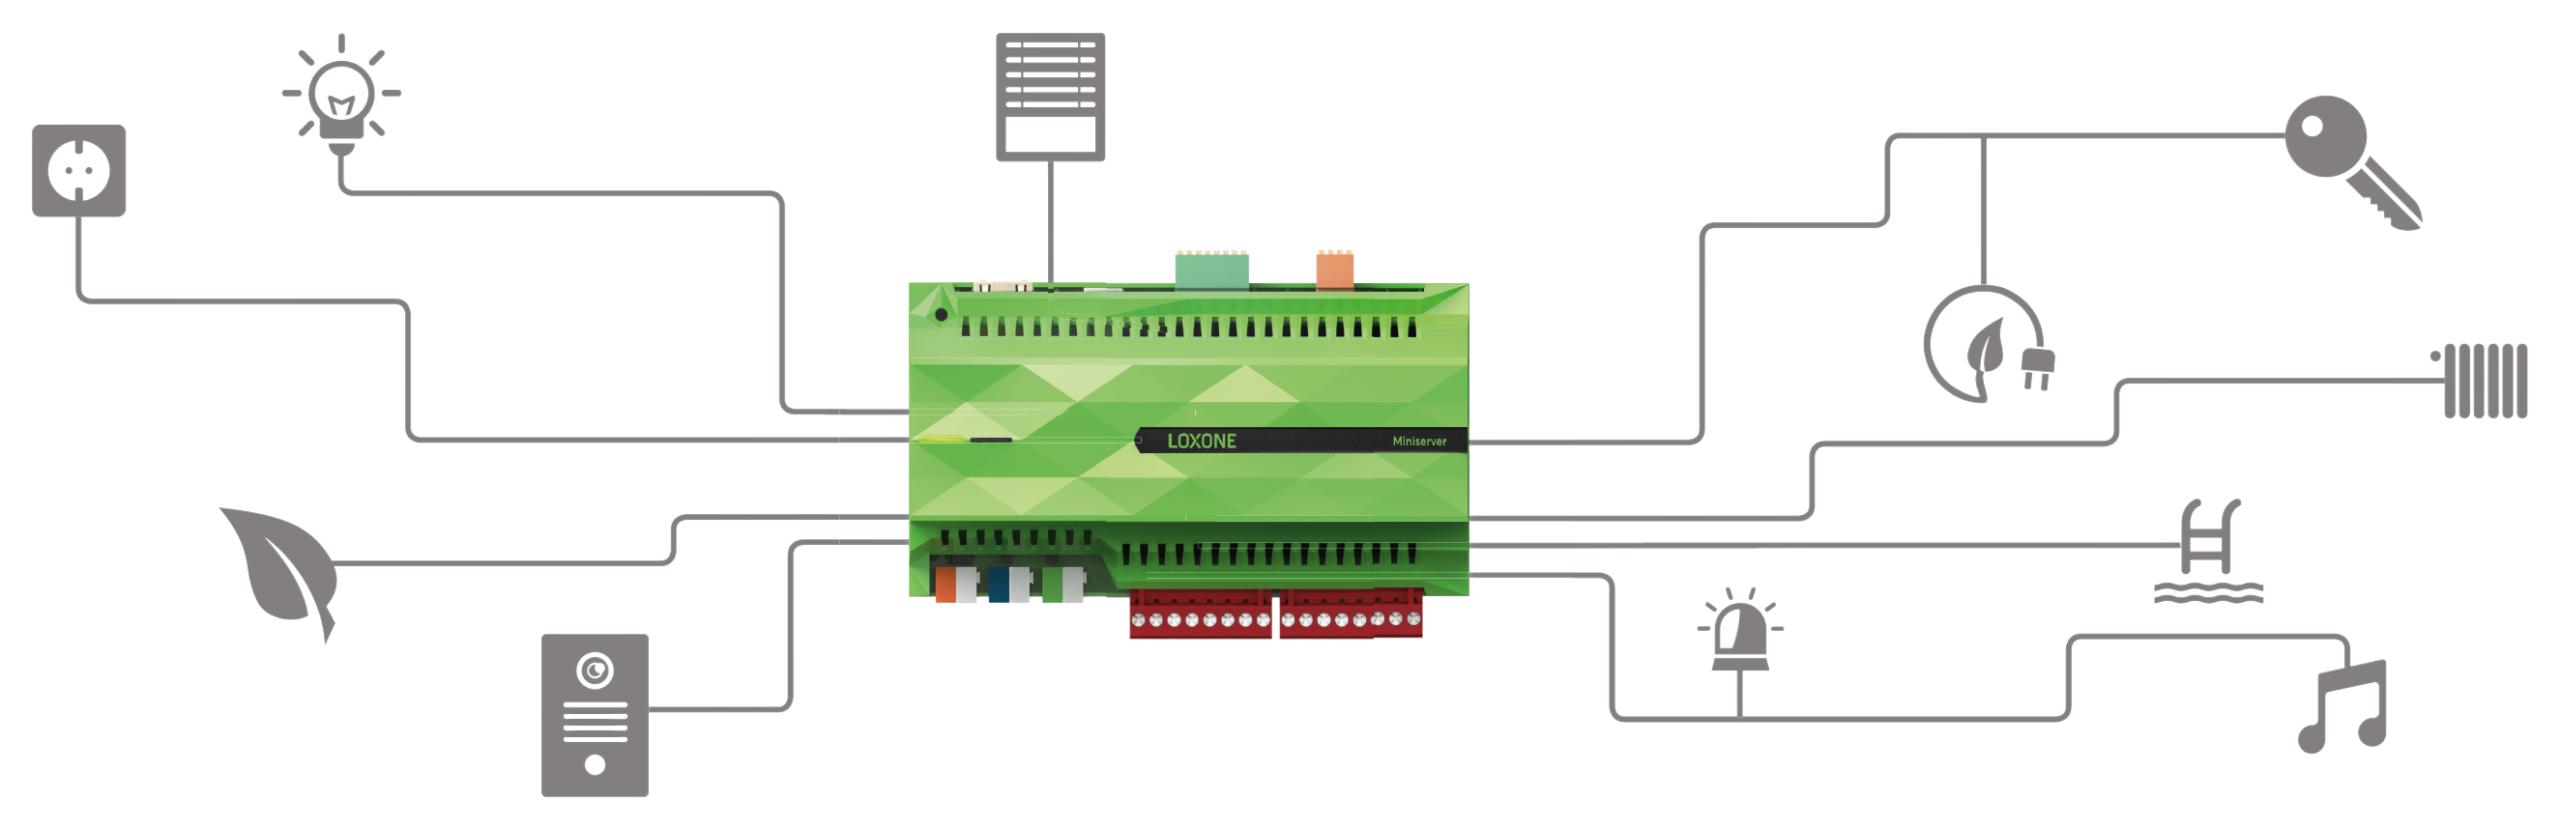 Miniserver propojený s mnohými dalšími funkcemi